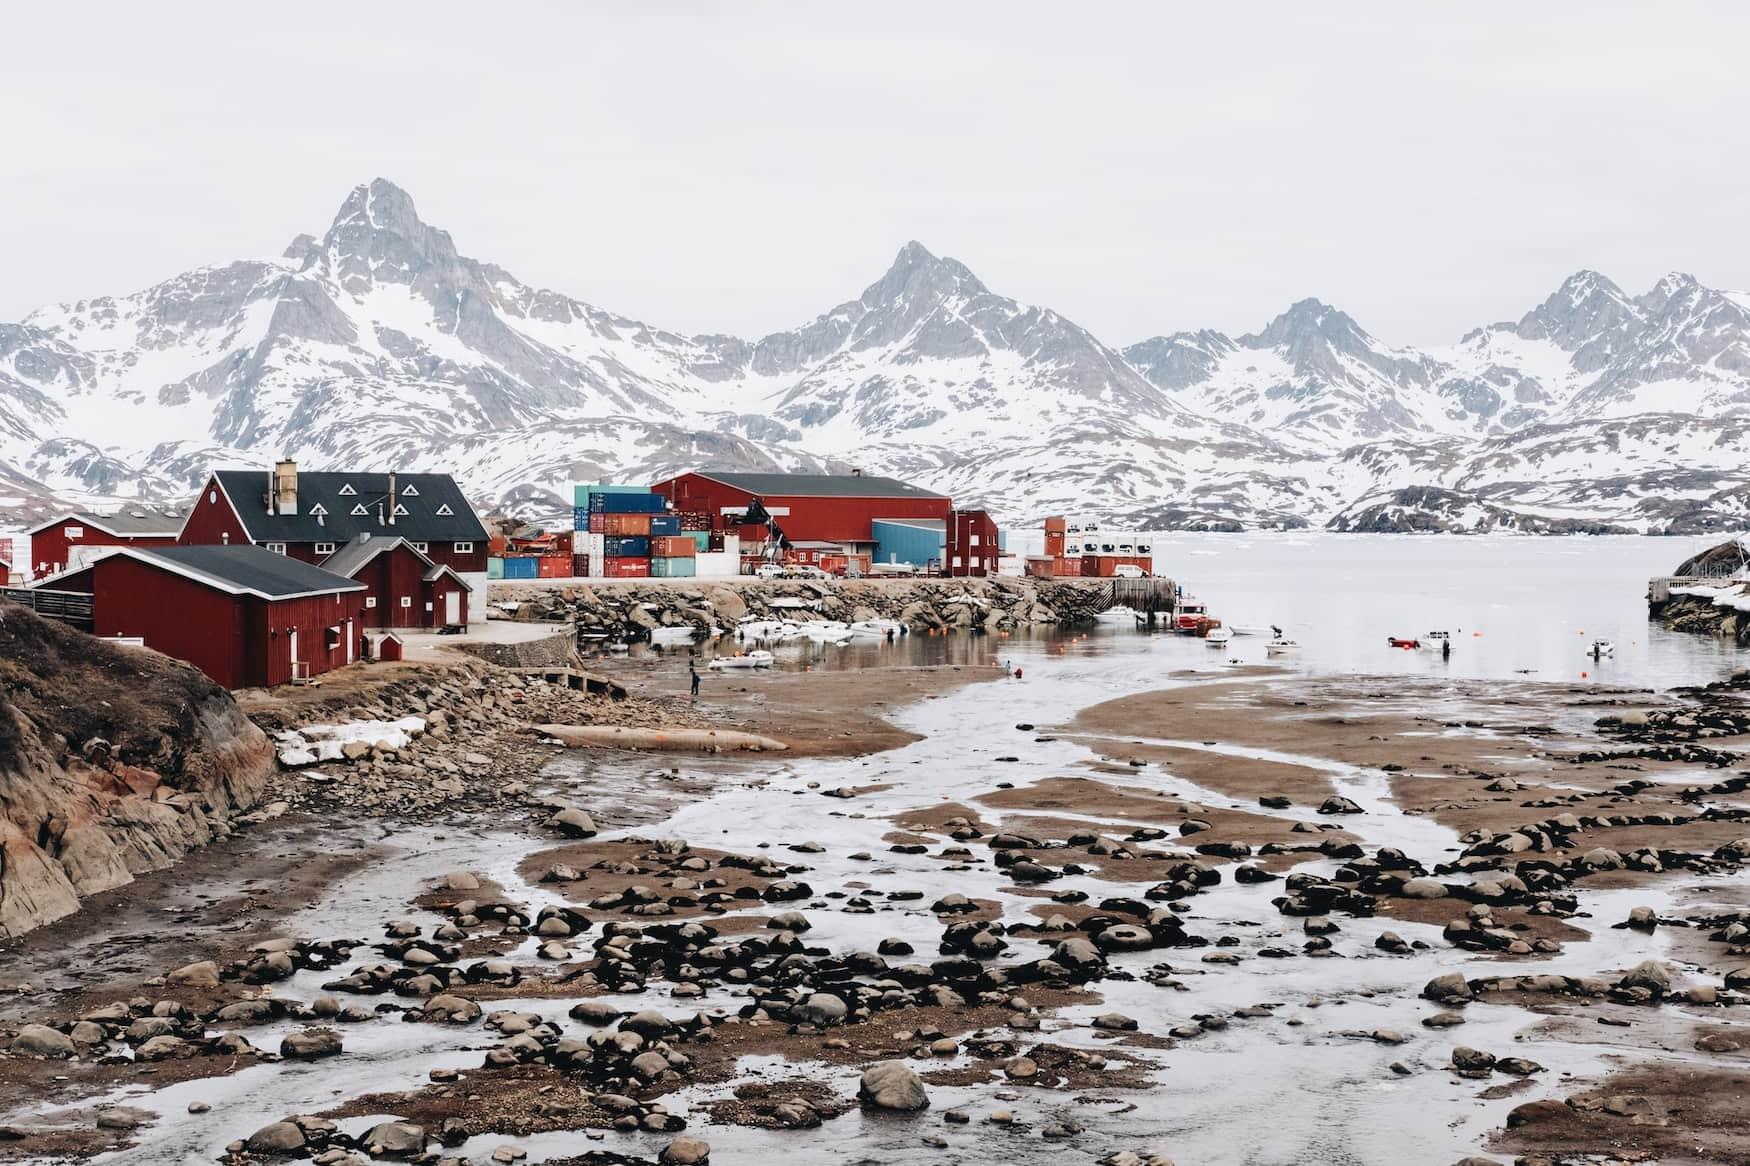 Rote Holzhütten stehen in verschneiter Landschaft in Grönland